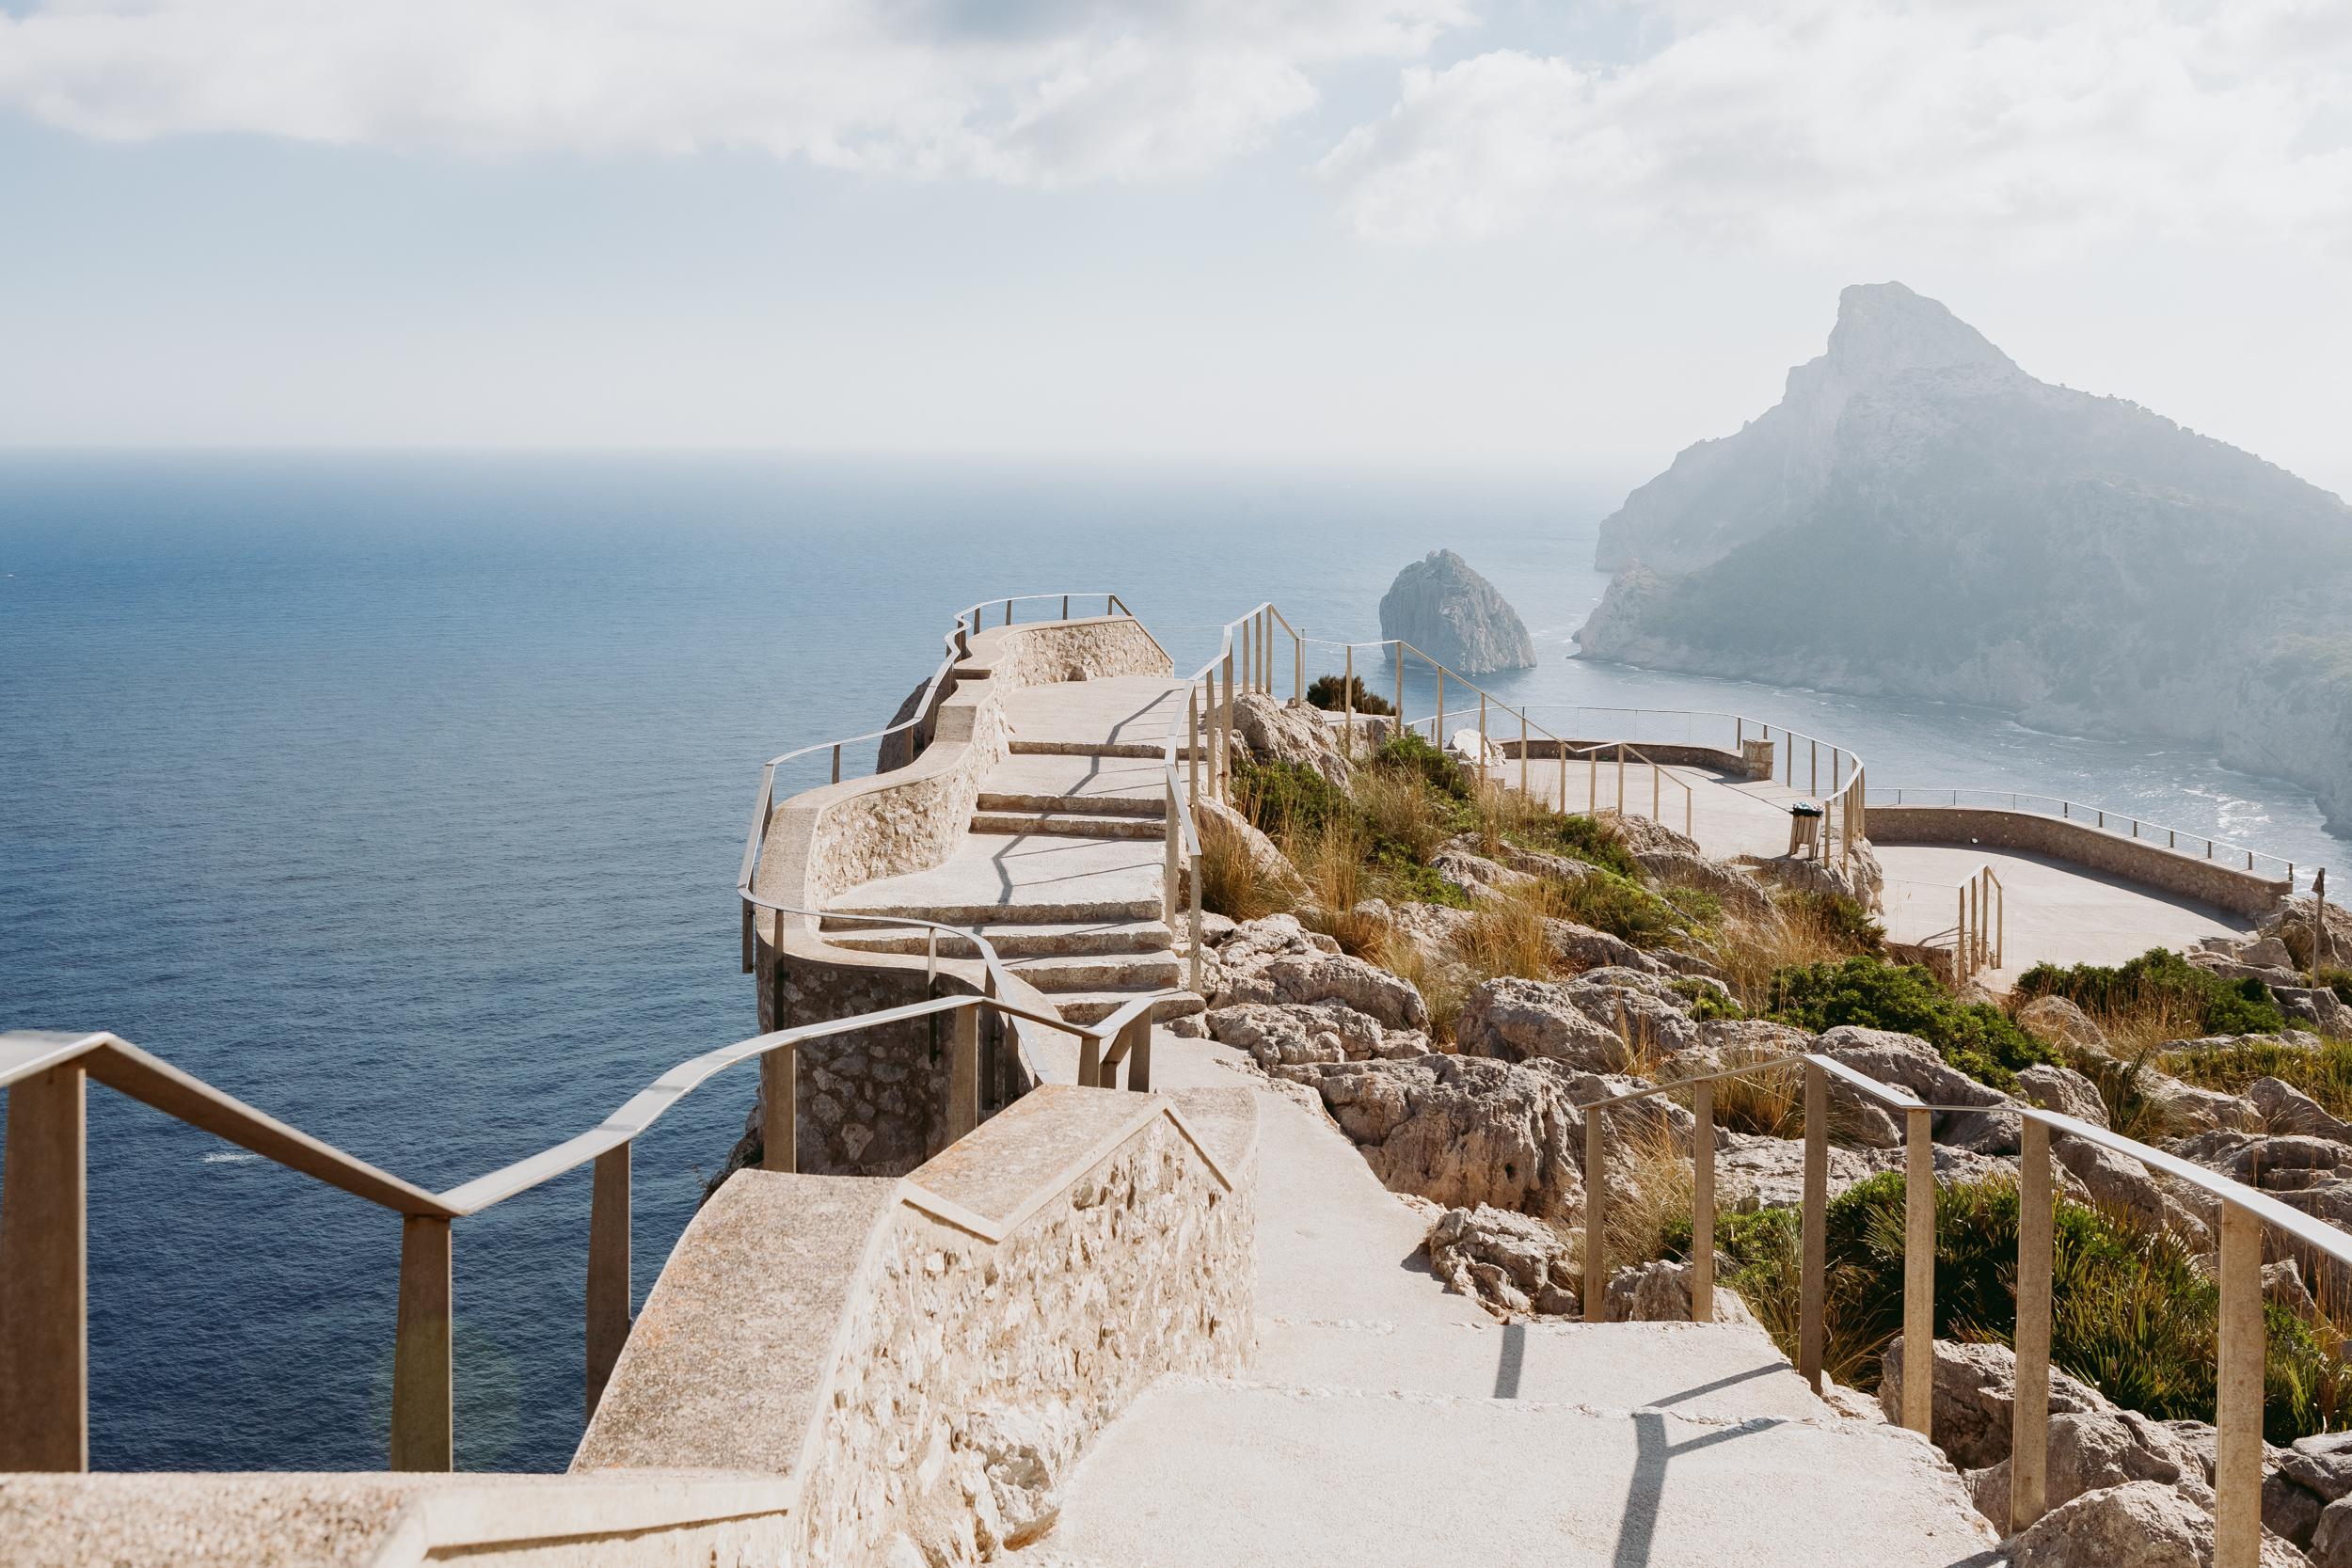 umgebung - Mallorcas Norden lässt sich vom Can Miret aus wunderbar erkunden. Mit Halb- oder Ganztagestouren können nicht nur diverse Strände und Buchten, kleine Fischerorte und Märkte besucht werden, sondern natürlich auch die wunderschöne Berglandschaft der Region.Ob das Erkunden von Aussichtspunkten oder Wanderwege – die Insel bietet für jeden Geschmack und Fitnessgrad die passende Aktivität.